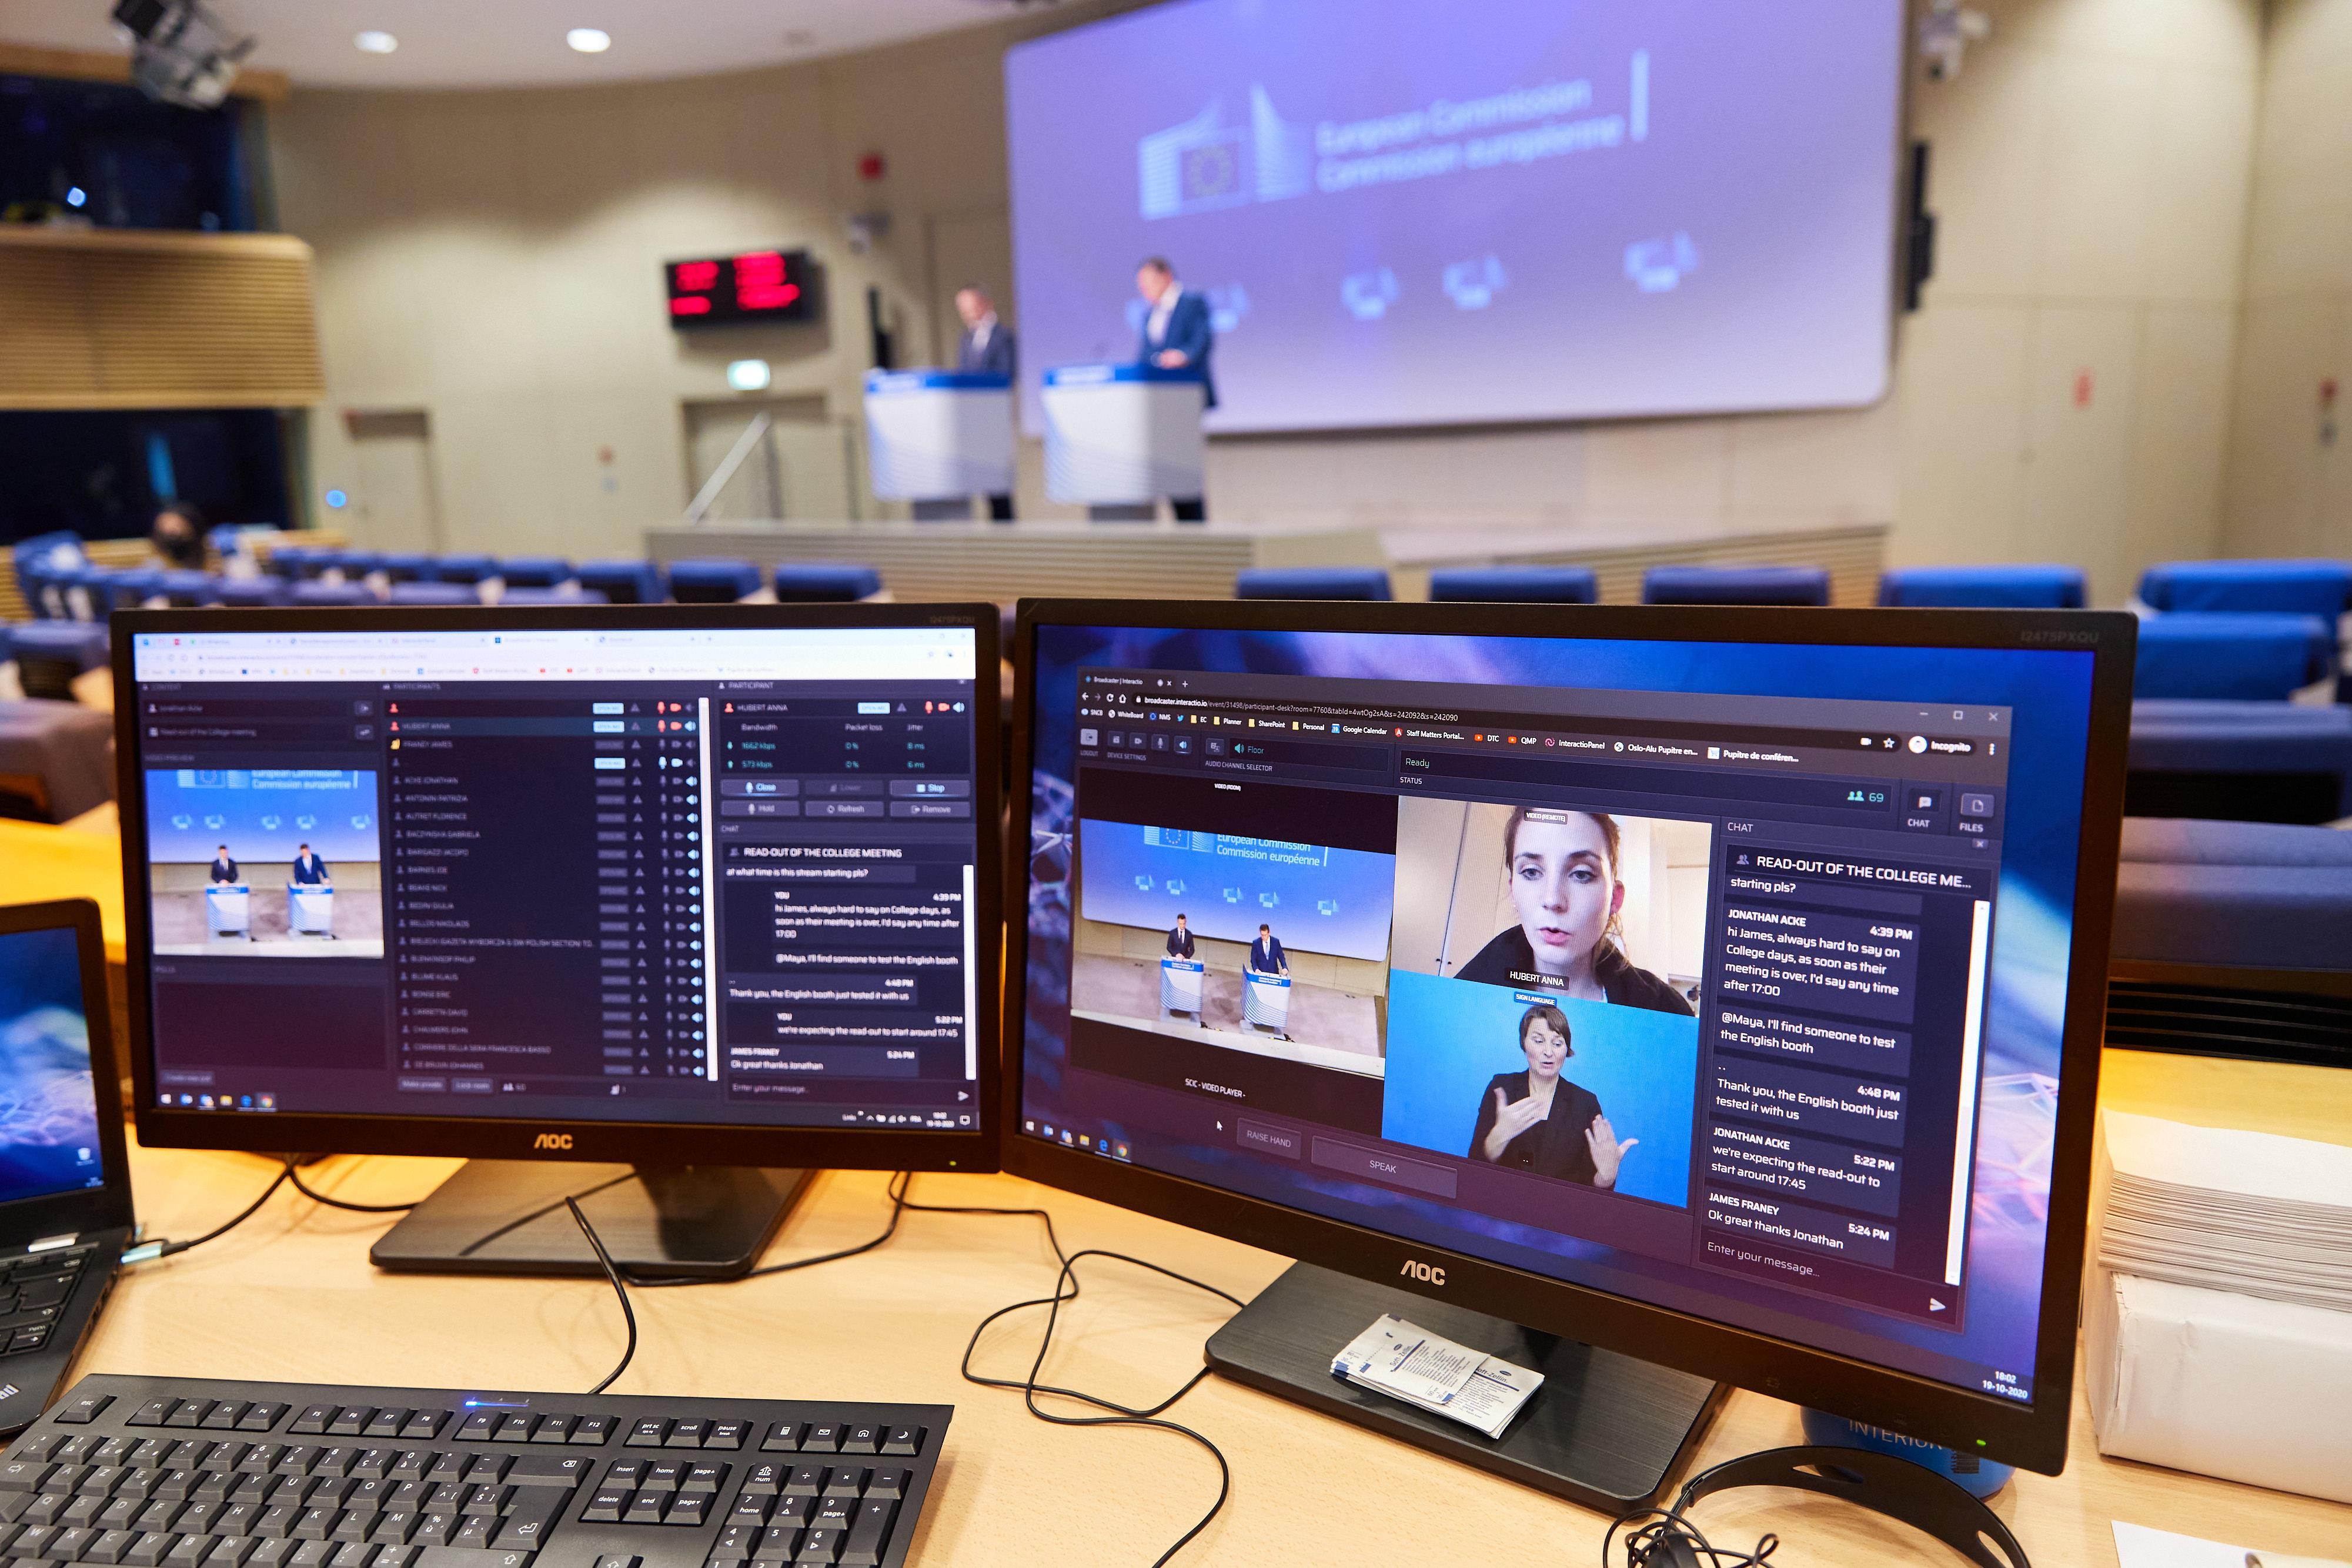 Euroopan komission tiedotustilaisuus 19. lokakuuta 2020. Kuva: Euroopan unioni 2020